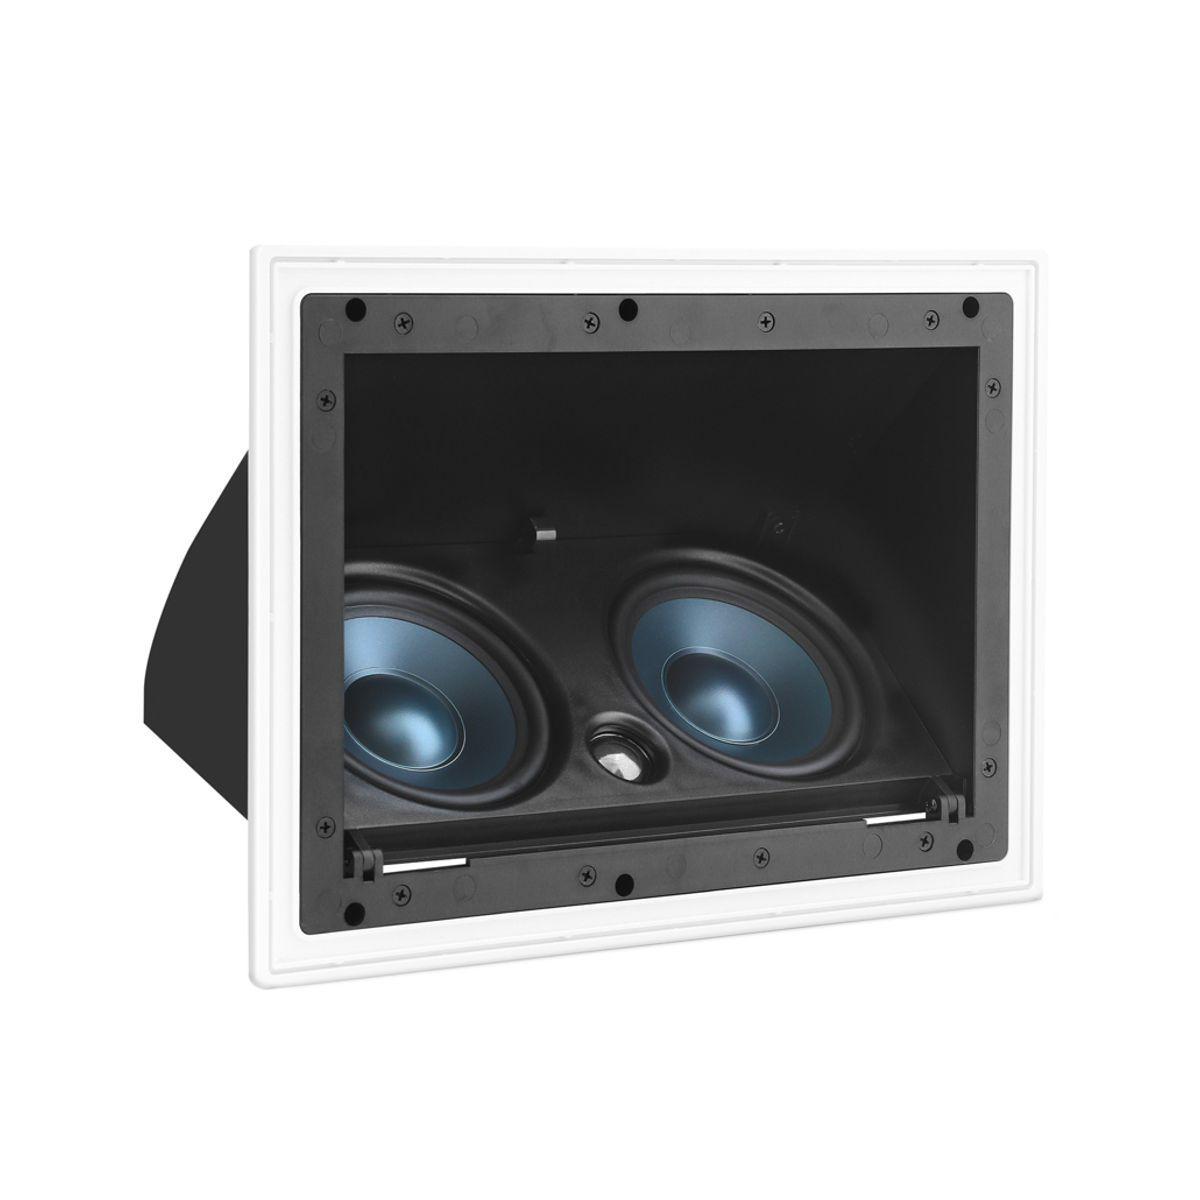 """Kit 7.1 Caixa de Embutir no Gesso LCR-A100 + NQ6-A100 + NQ6-M100 + Subwoofer Compact Cube 8"""" AAT"""